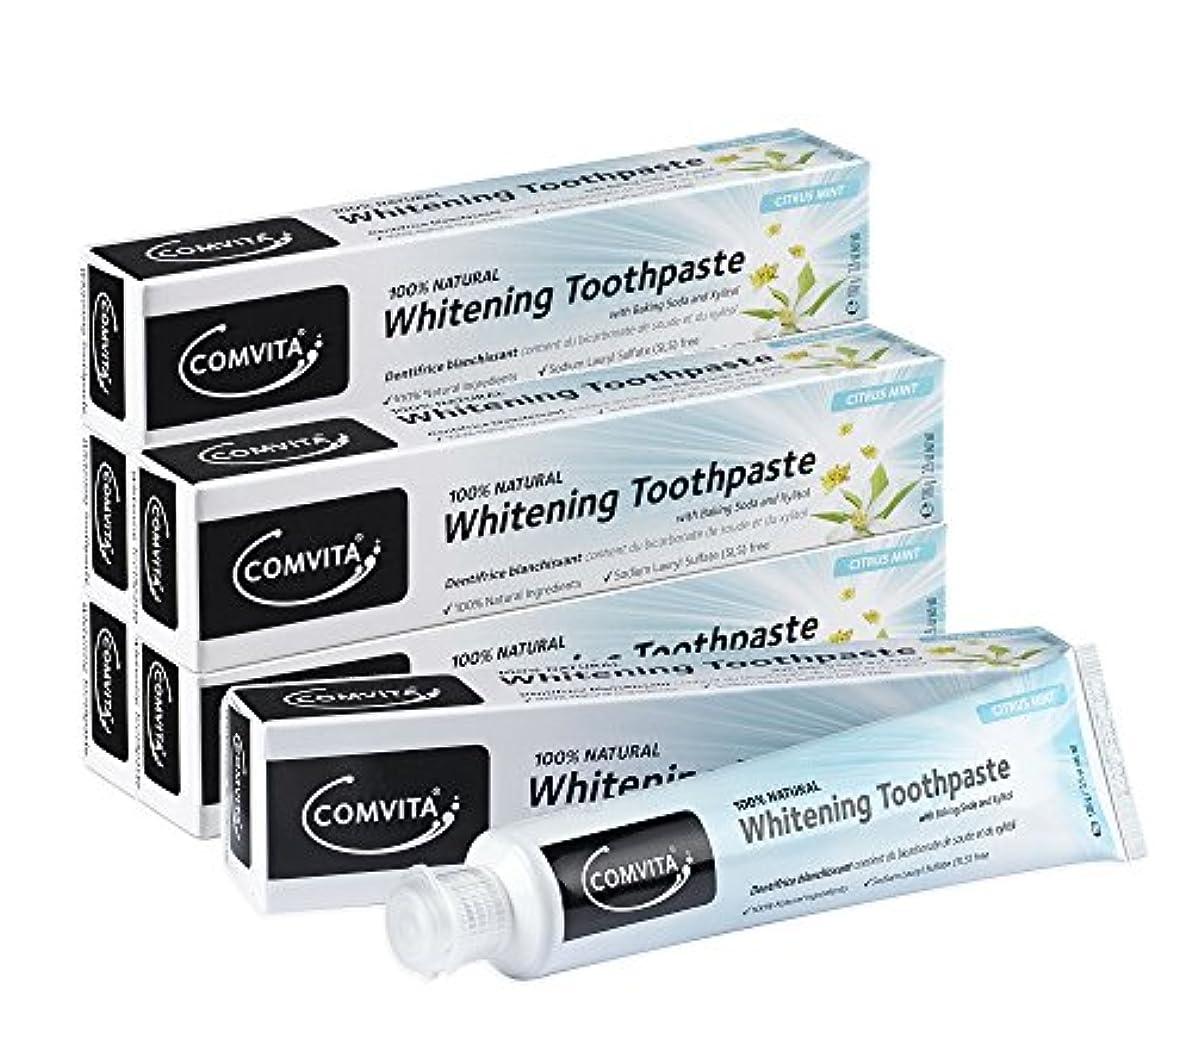 渦ずるい危険にさらされているホワイトニング歯磨き コンビタ 100g お得な6本セット whitening toothpaste